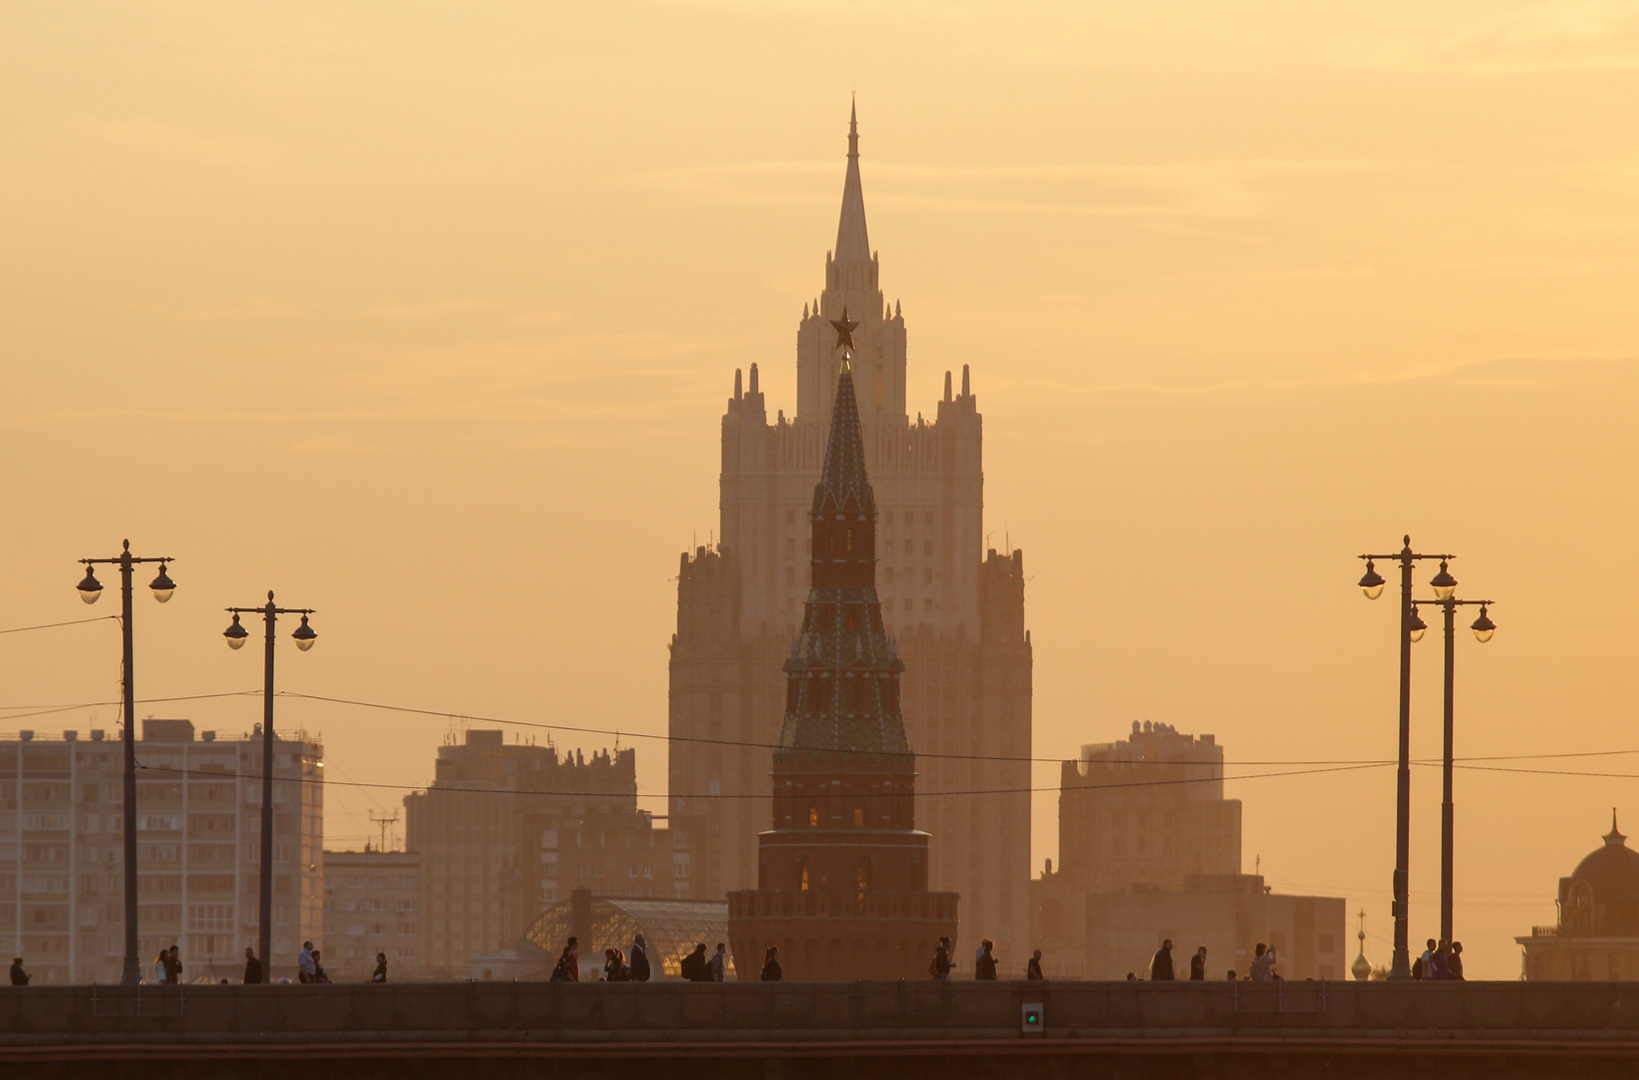 موسكو: مستعدون لقمة للخماسية النووية في أي لحظة ومسودة البيان الختامي مقبولة